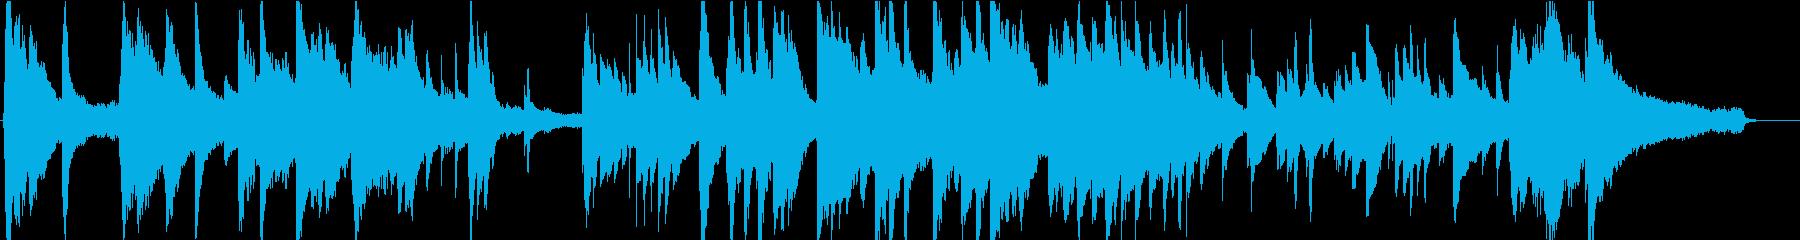 季節が変わる切なさを表現したピアノソロの再生済みの波形